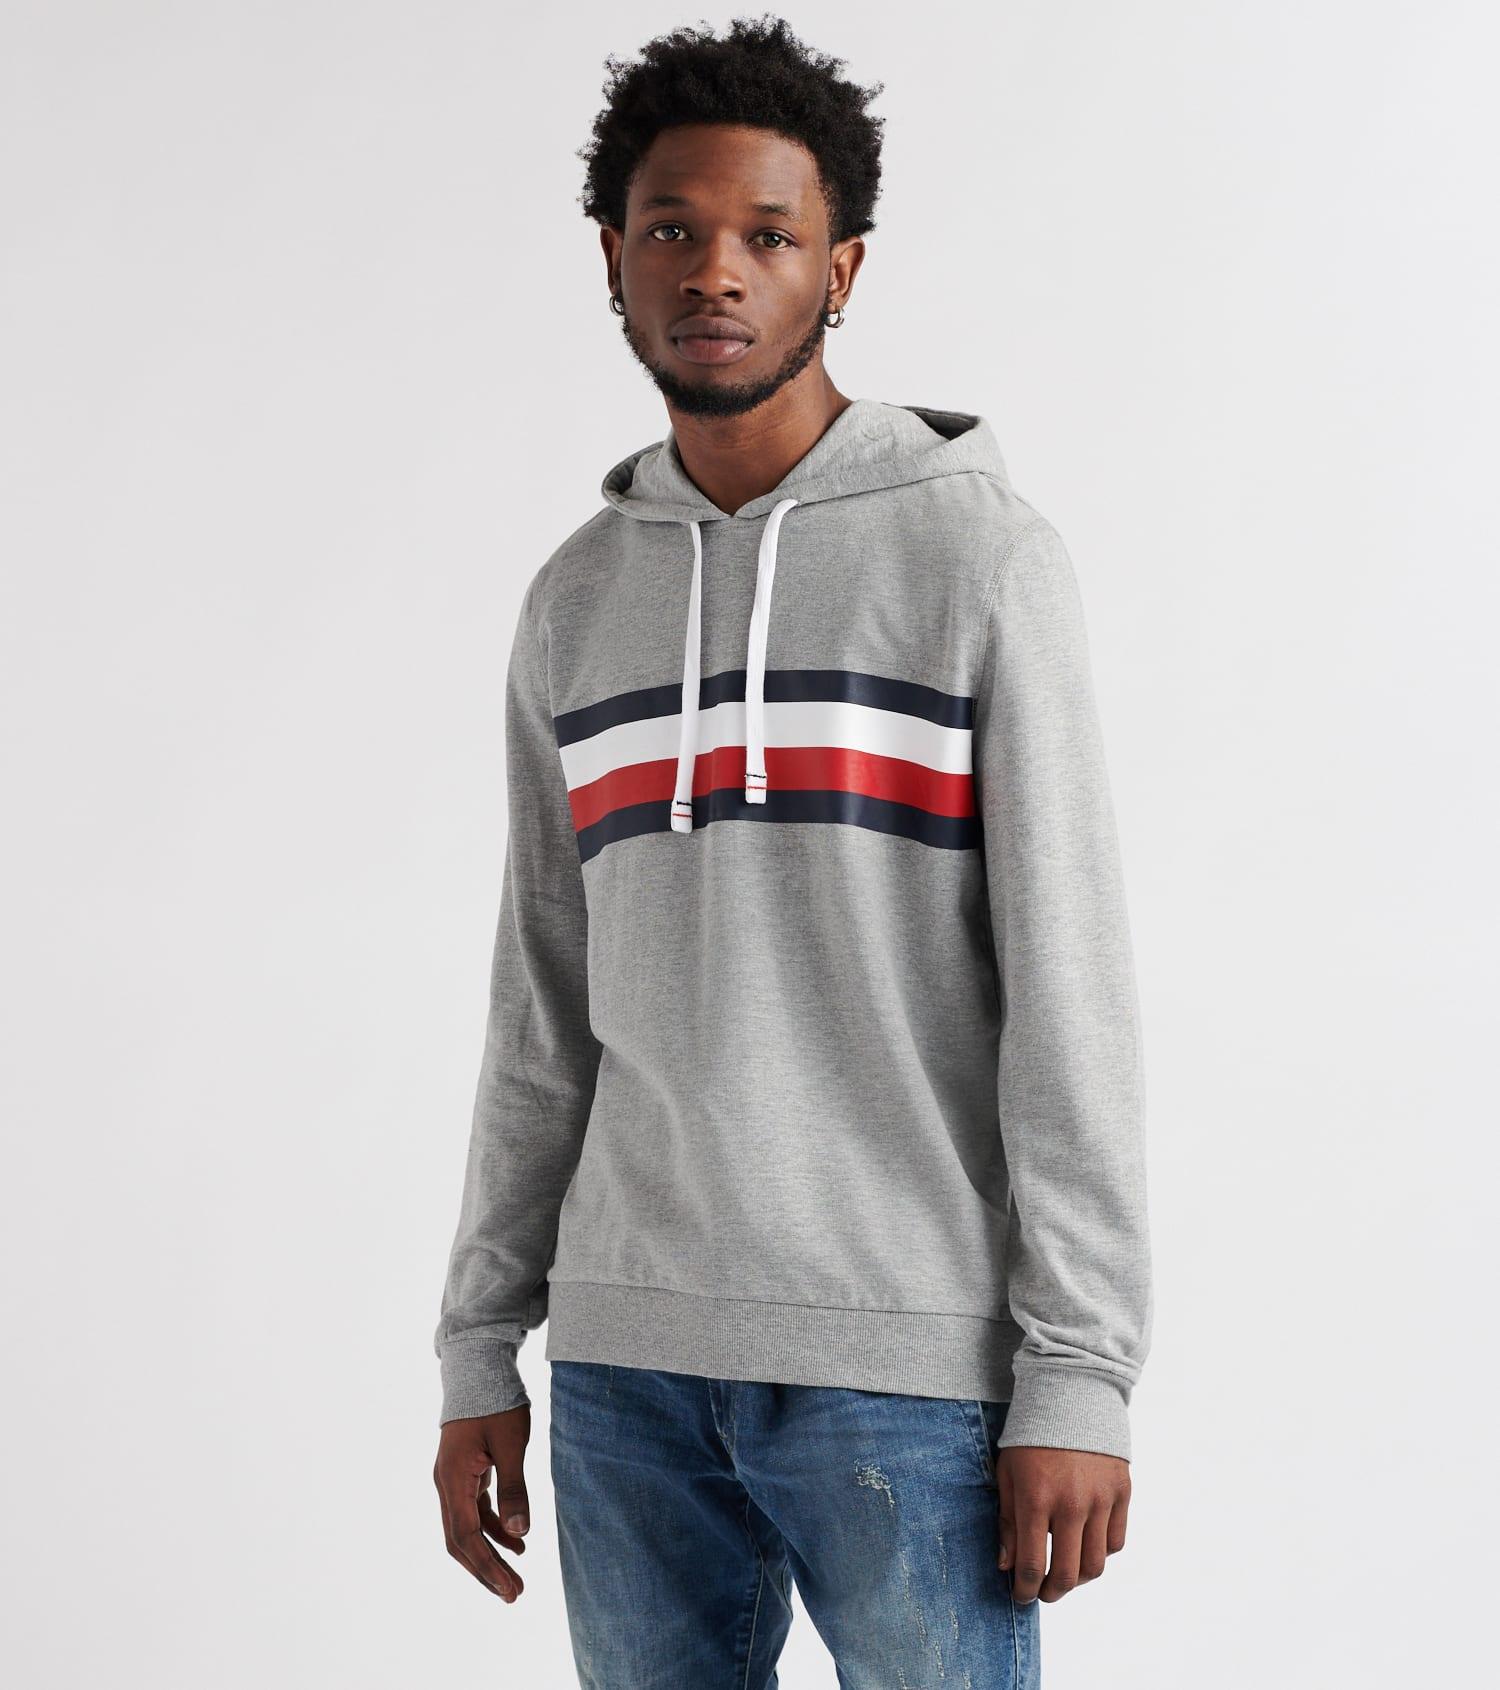 fuldstændig stilfuld varmt produkt på lager 1efcf8 tommy hilfiger pullover sweatshirts mens - ruitersegy.com